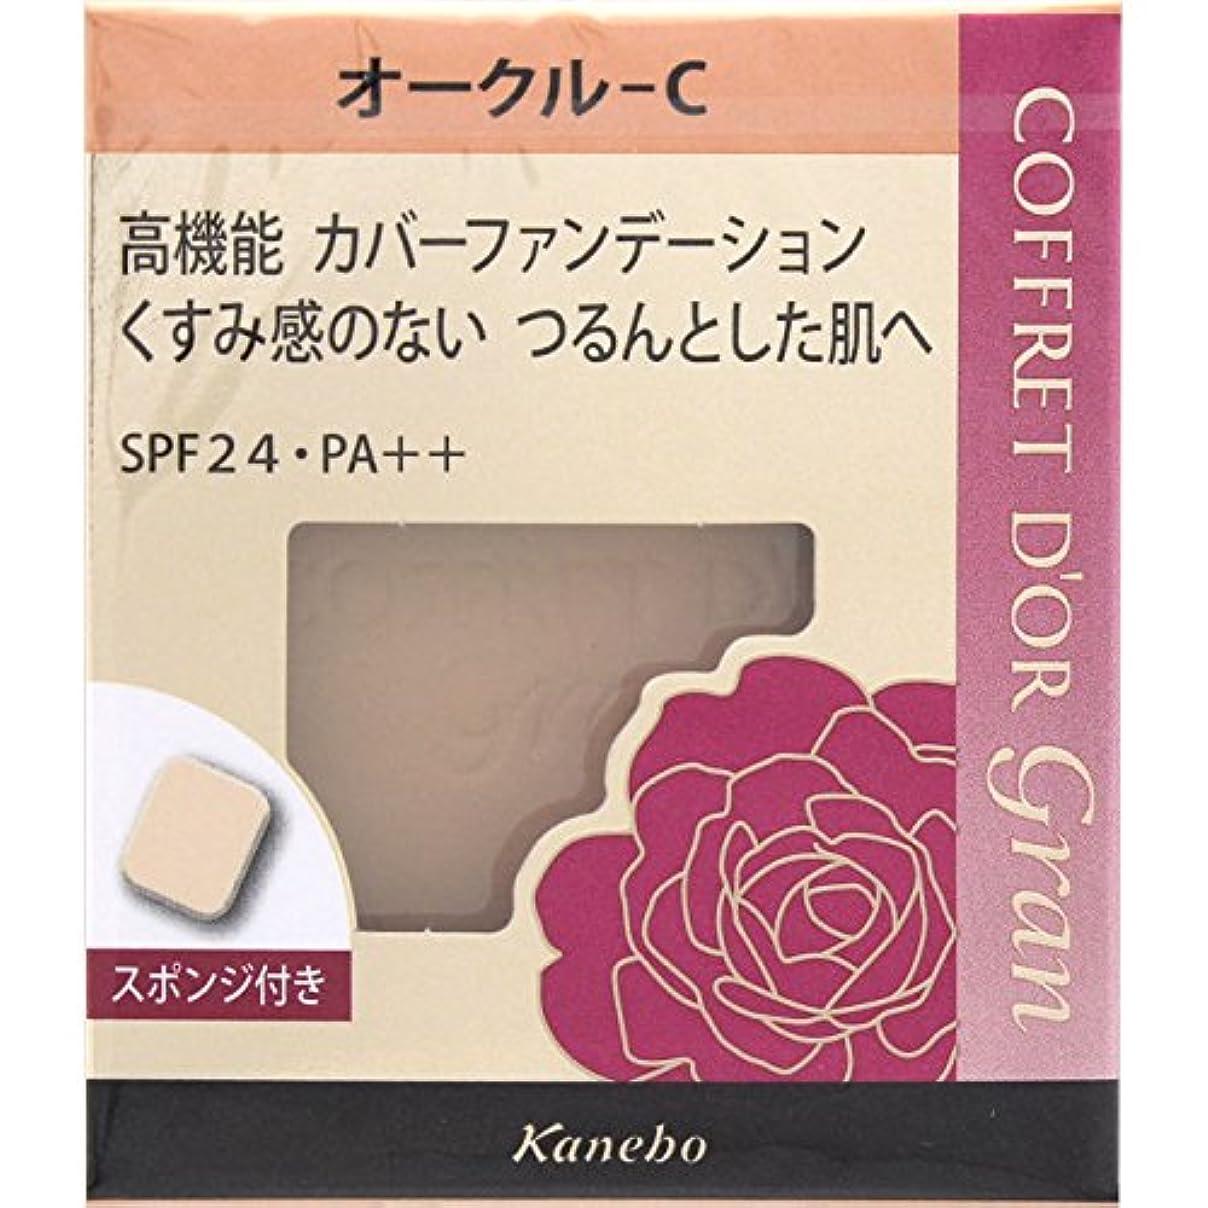 おんどり波エキスパートカネボウ(Kanebo) コフレドールグランカバーフィットパクトUVII《10.5g》<カラー:オークルC>